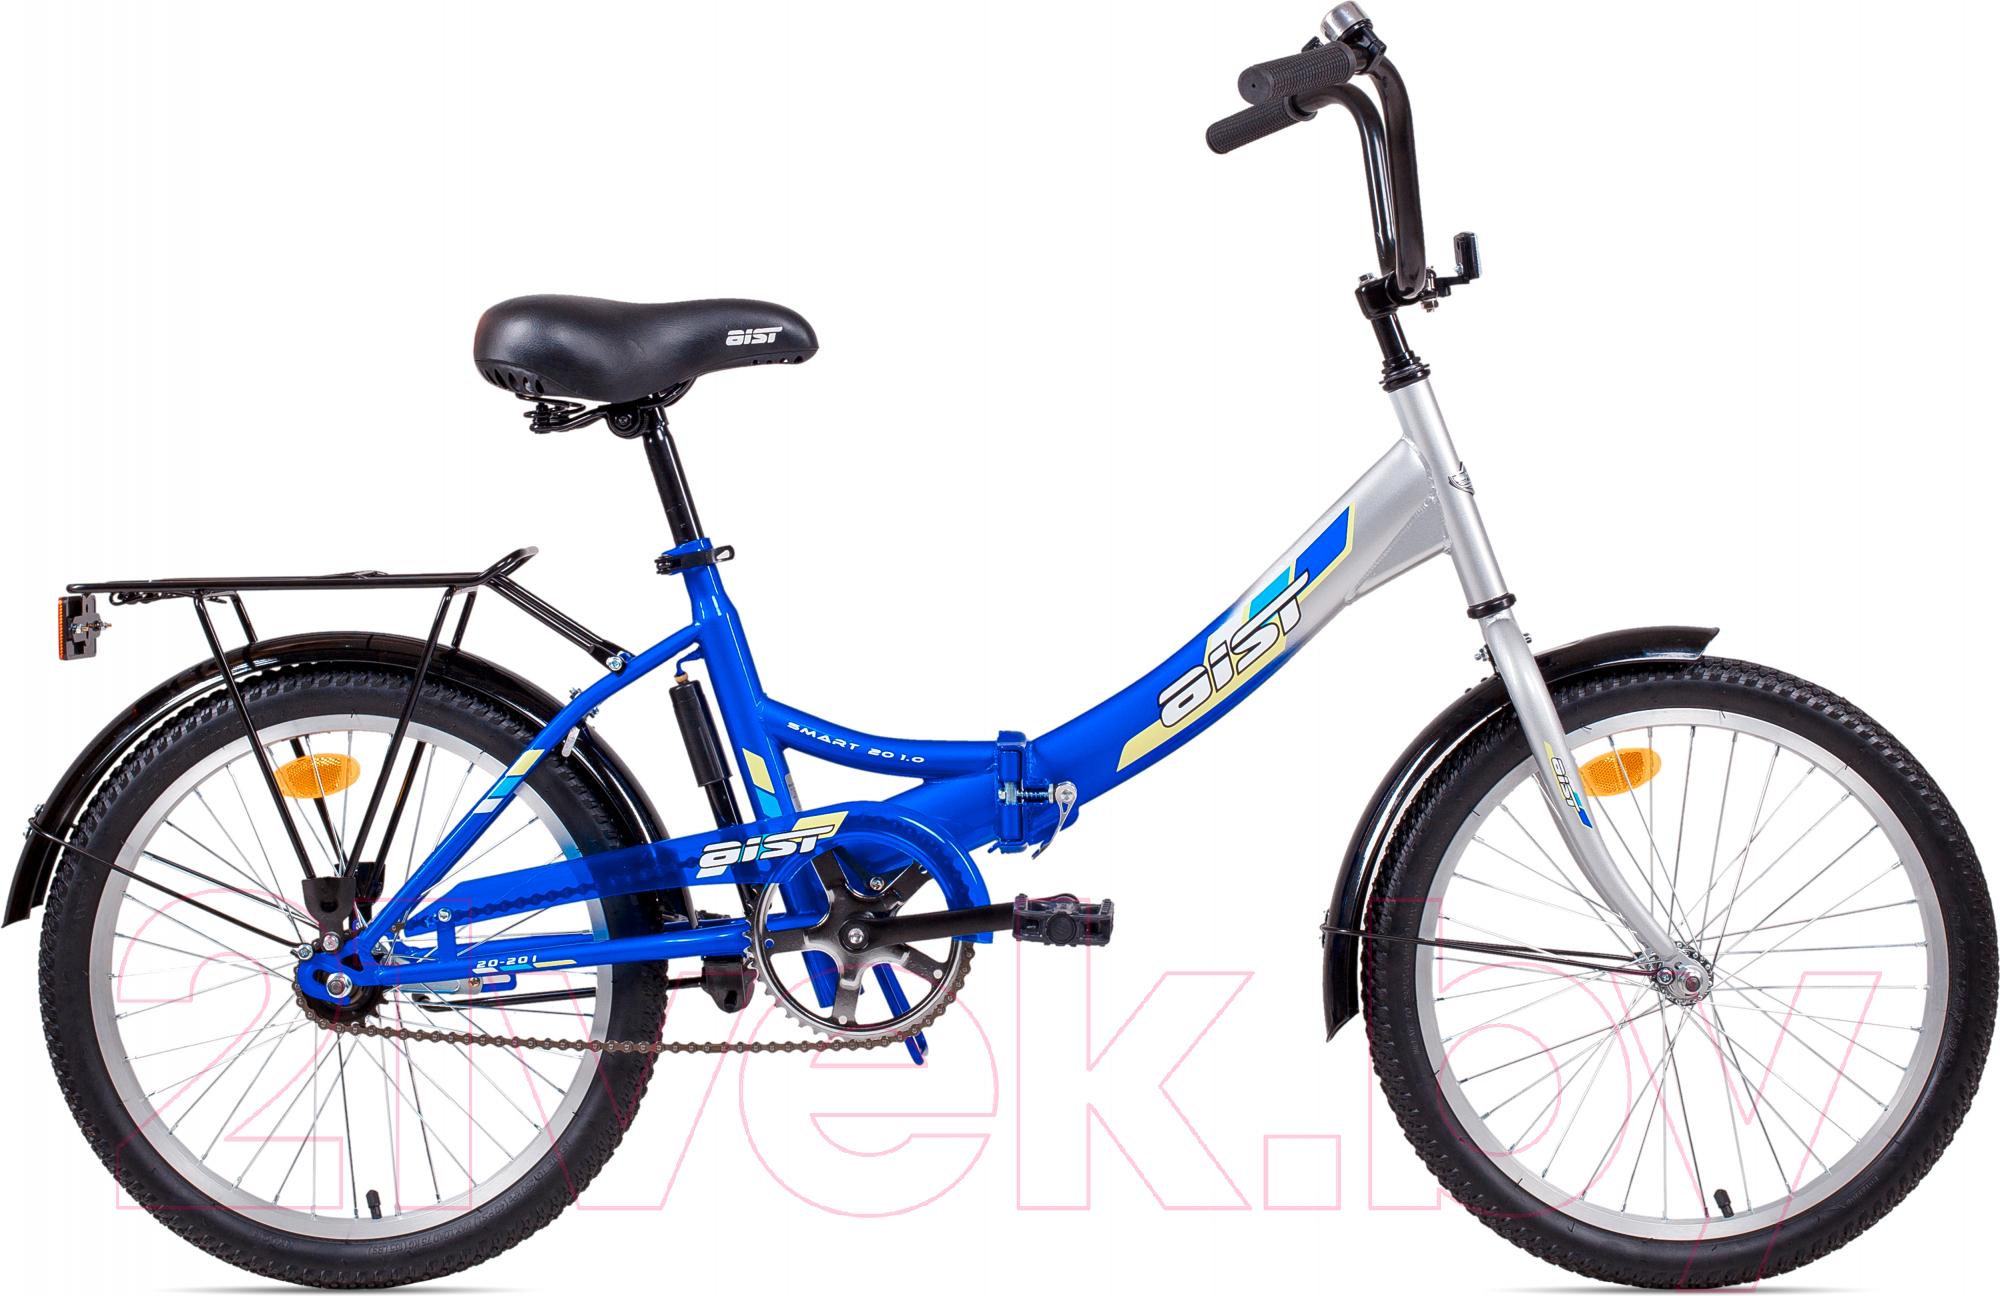 Купить Детский велосипед AIST, Smart 20 1.0 (синий/белый), Беларусь